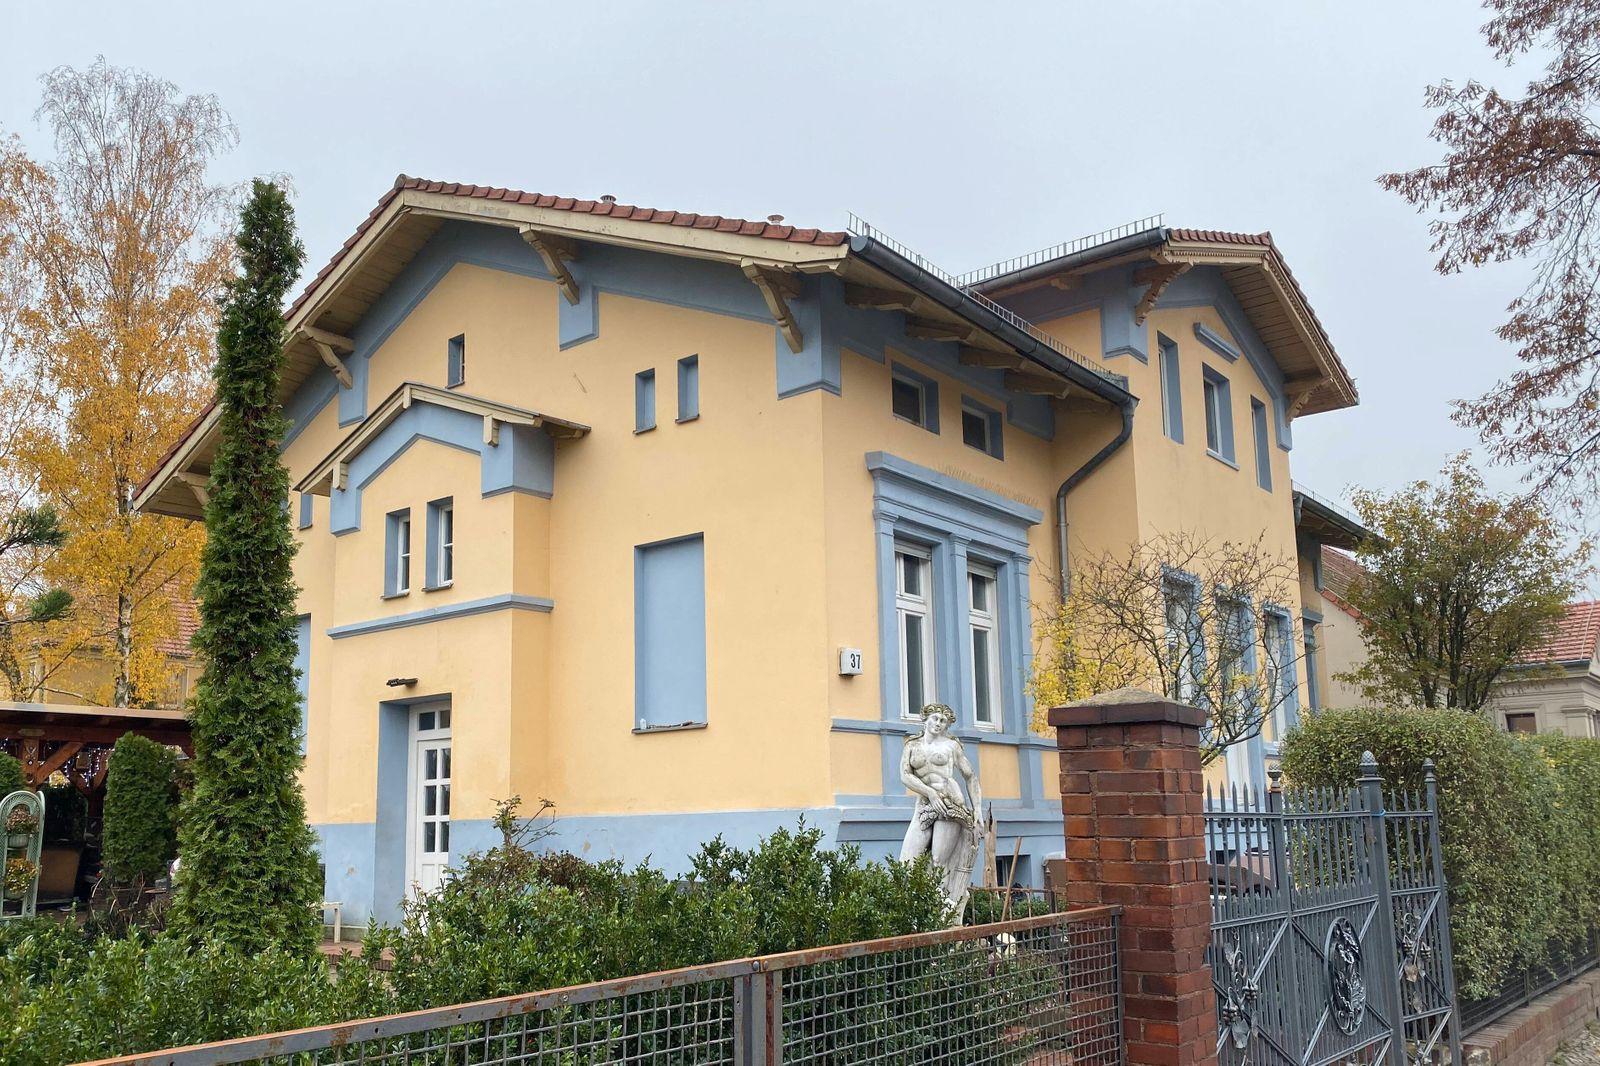 Berlin den 21.11.2019 Einfamilienhaus der Familie Remmo, Alt Buckow 37. Hinter dem Haus soll Familie Remmo ein weiteres